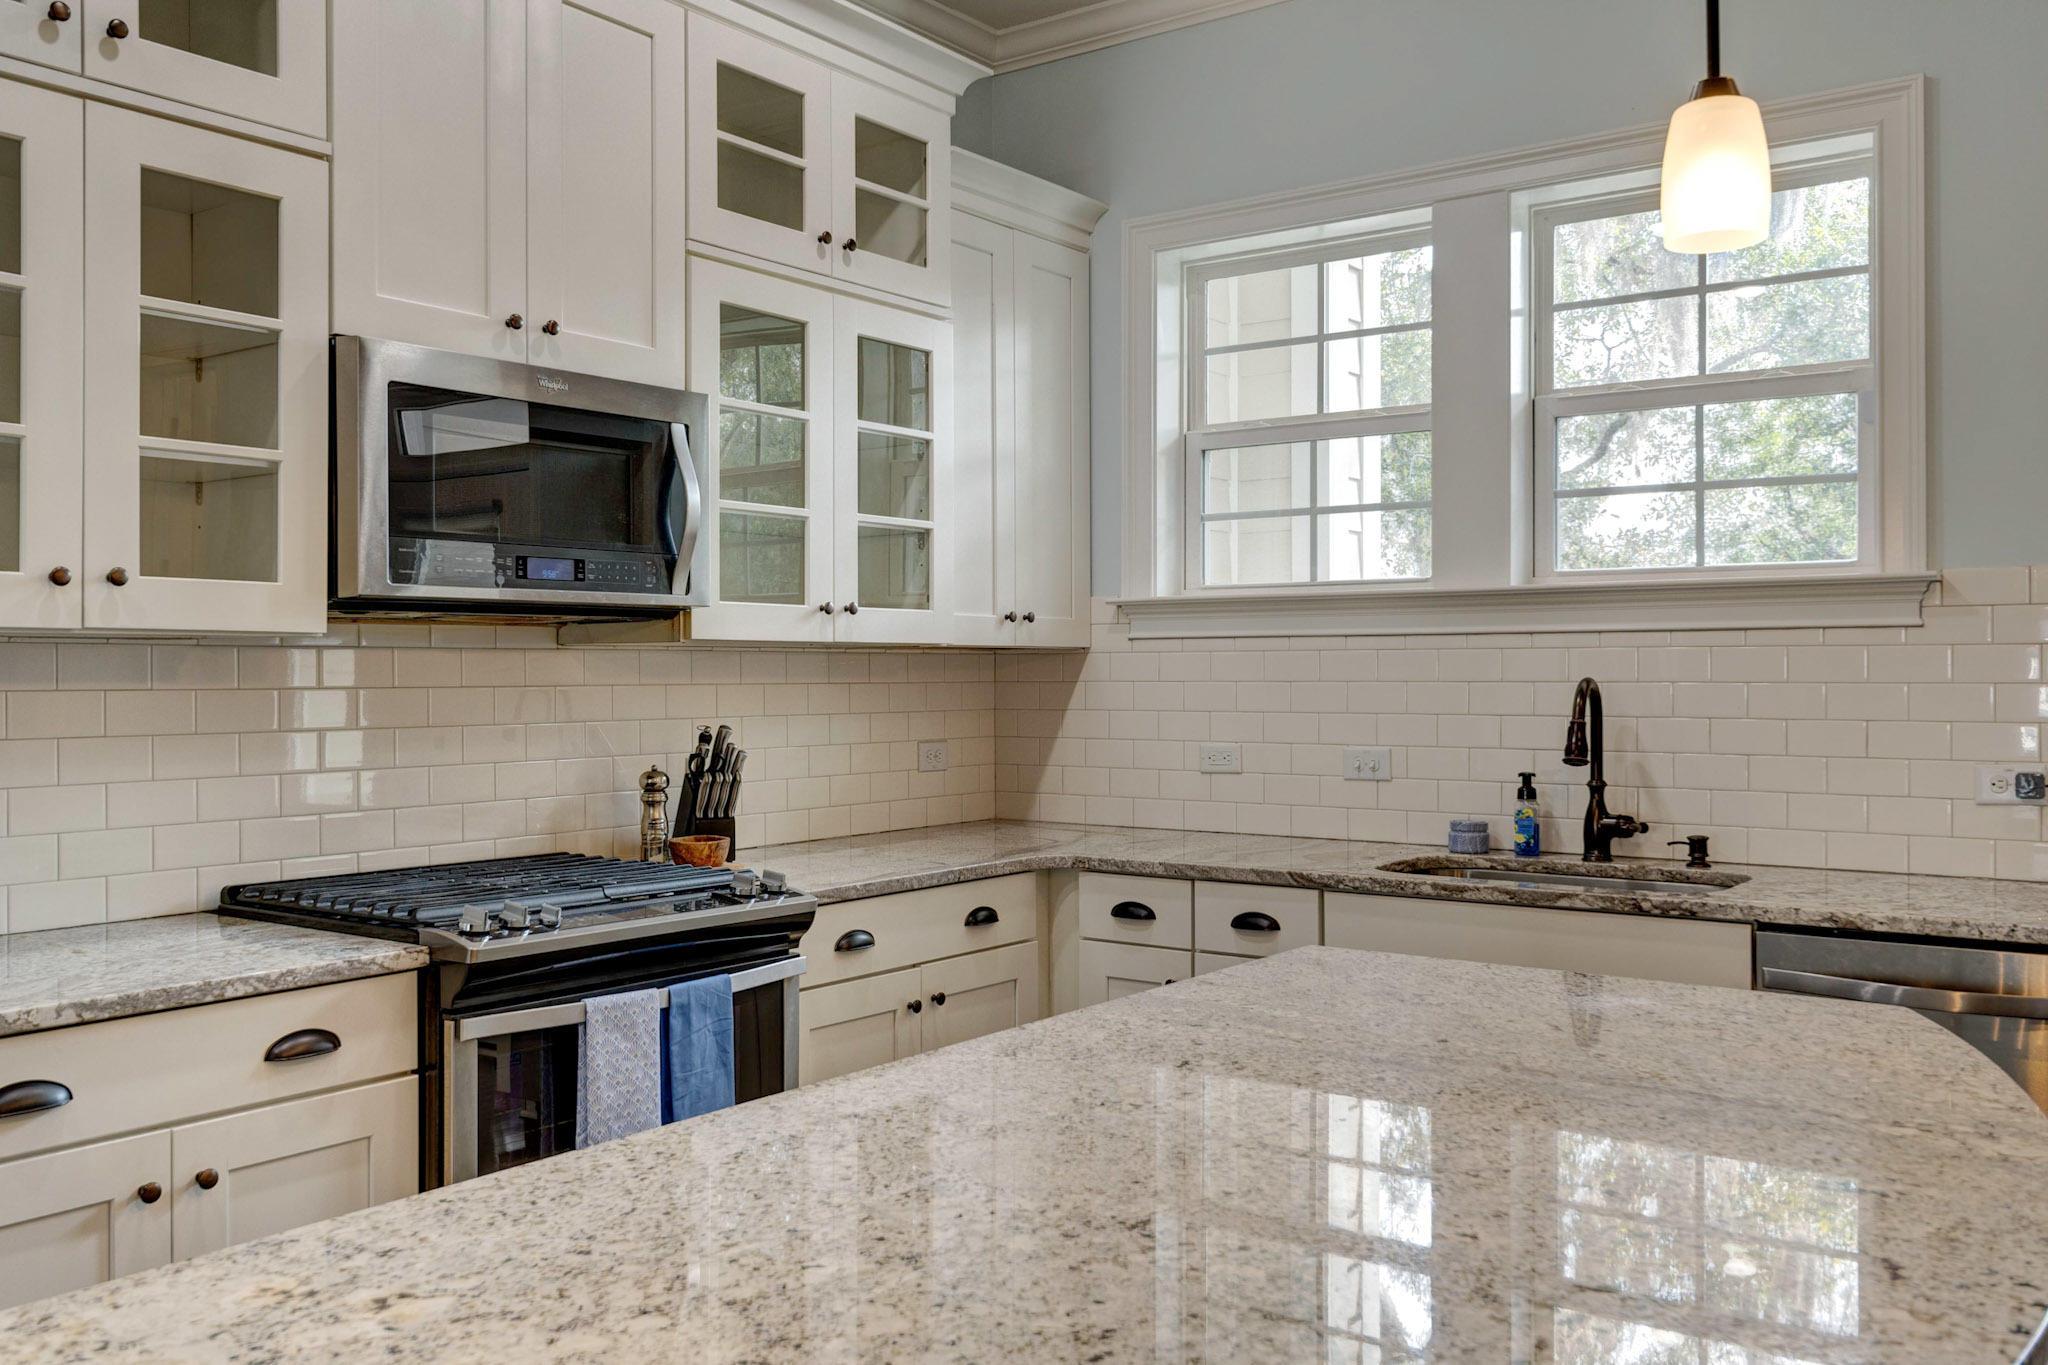 Bowman Park Homes For Sale - 1017 Bowman Woods, Mount Pleasant, SC - 6